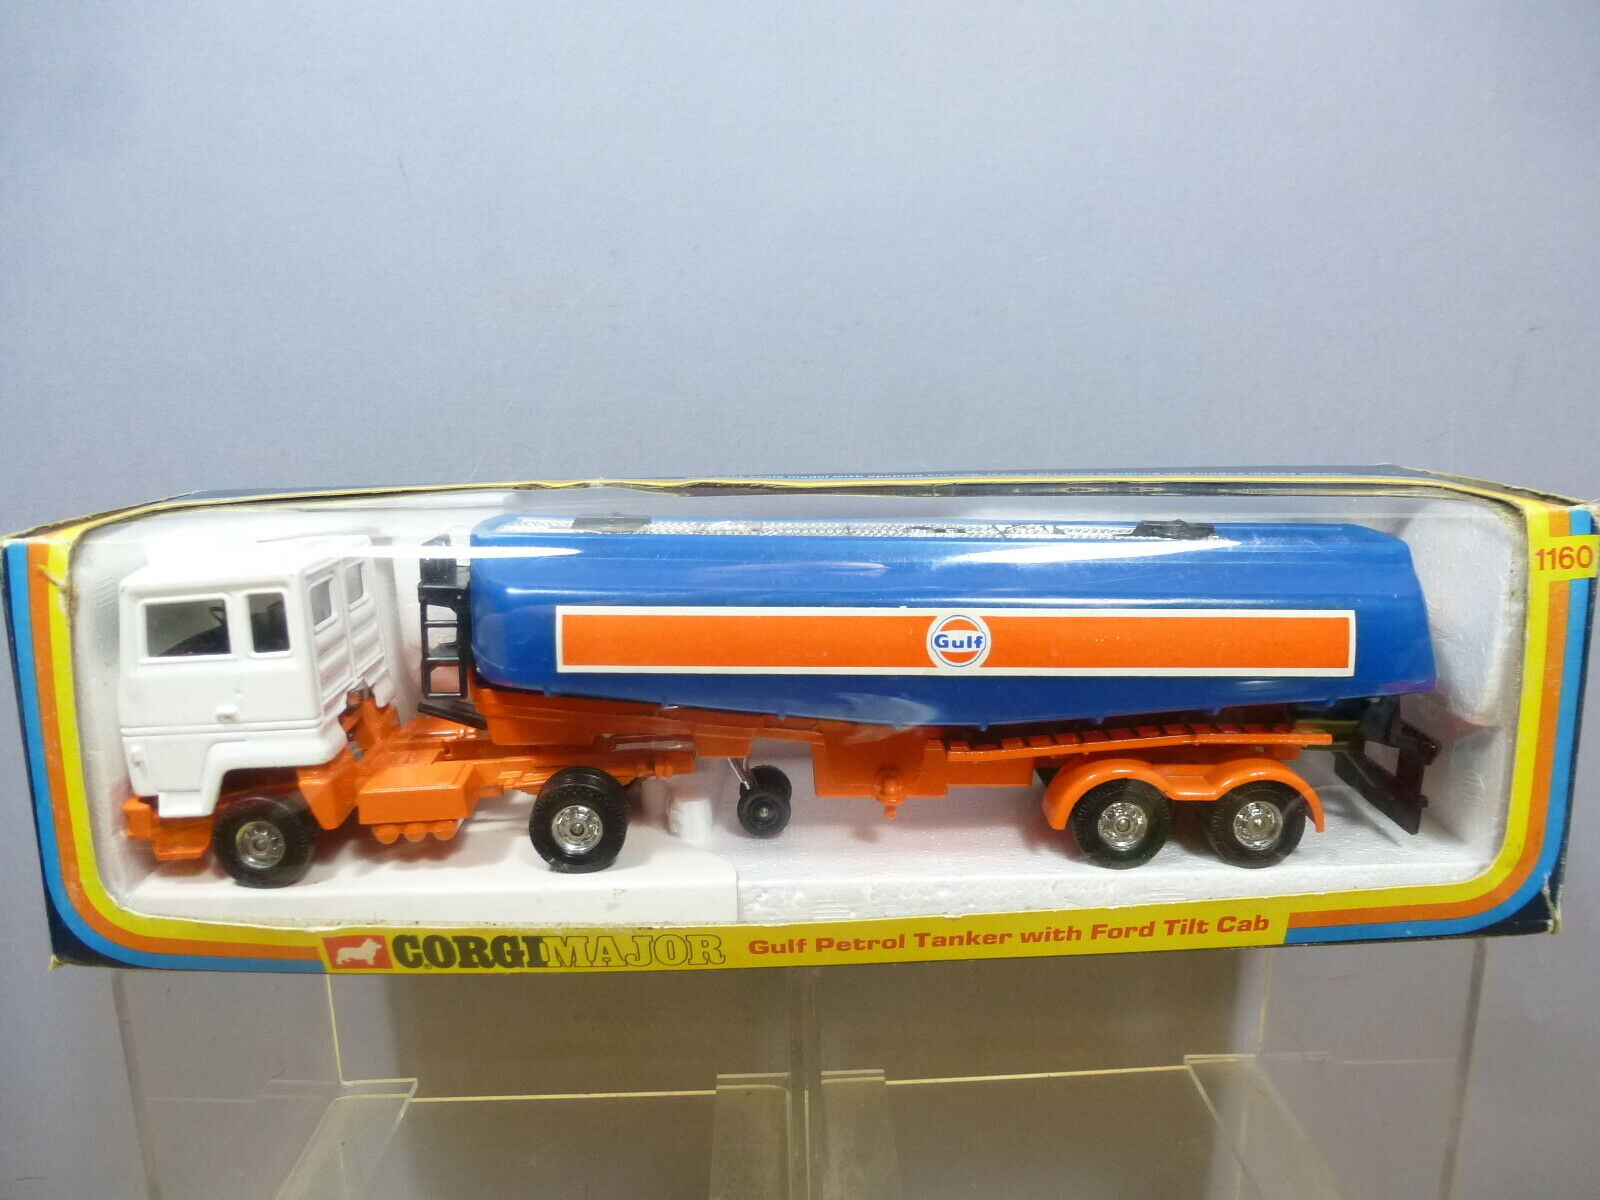 Vintage Corgi Toys Modelo No.1160  Gulf  Petrol camión cisterna Ford inclinación Cab MIB